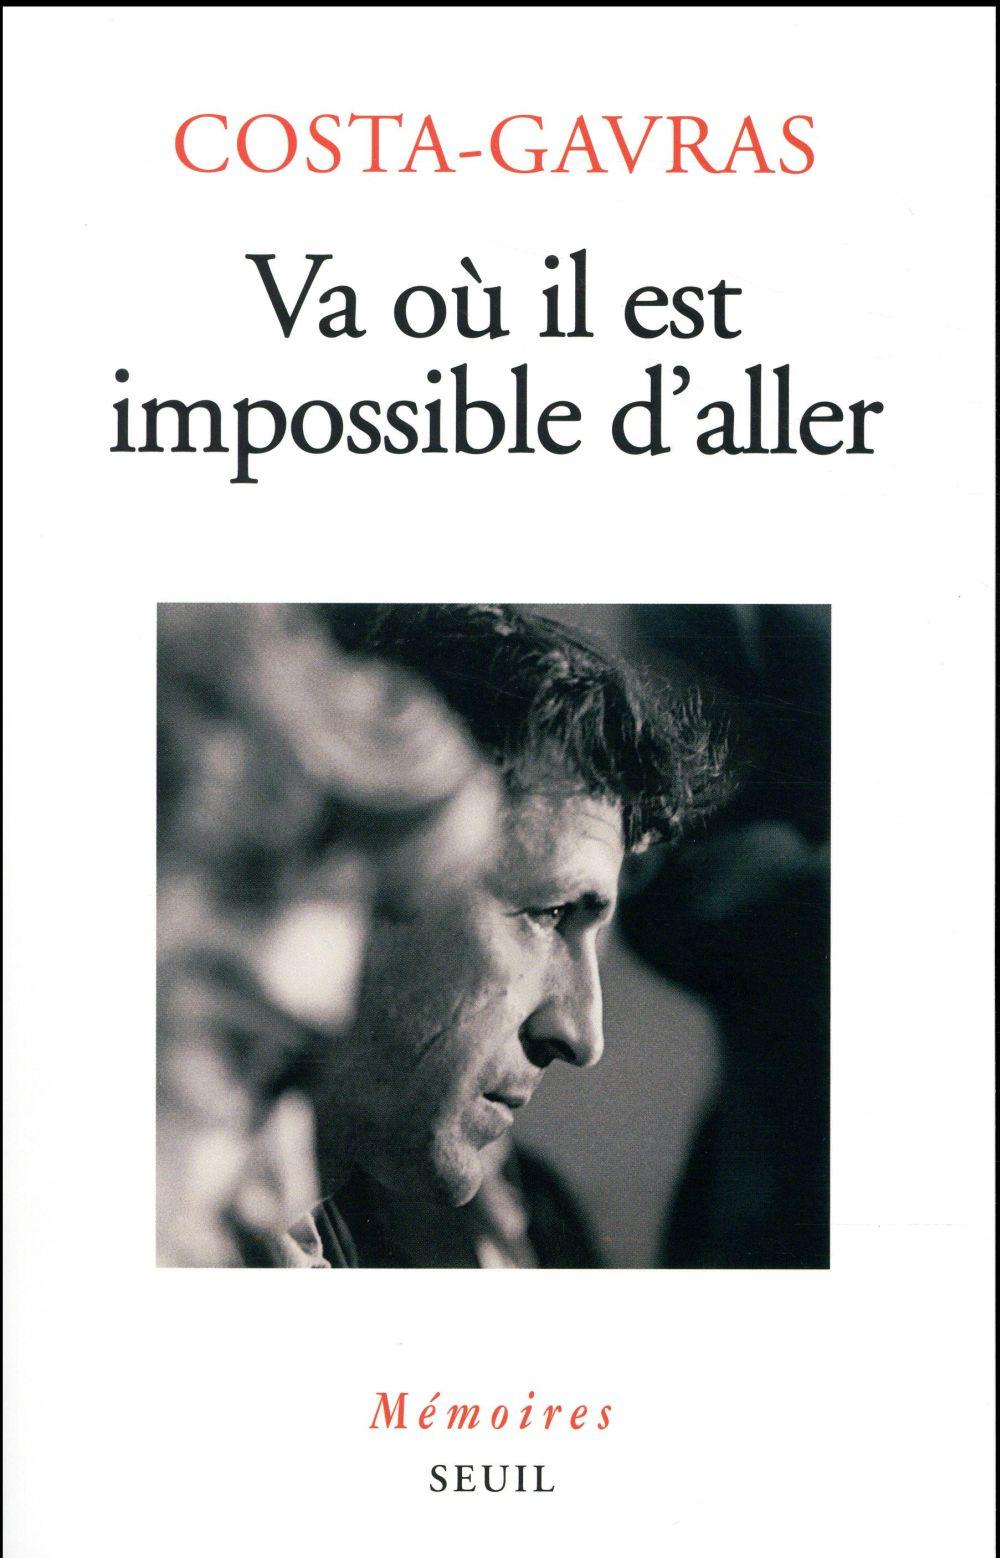 VA OU IL EST IMPOSSIBLE D'ALLER